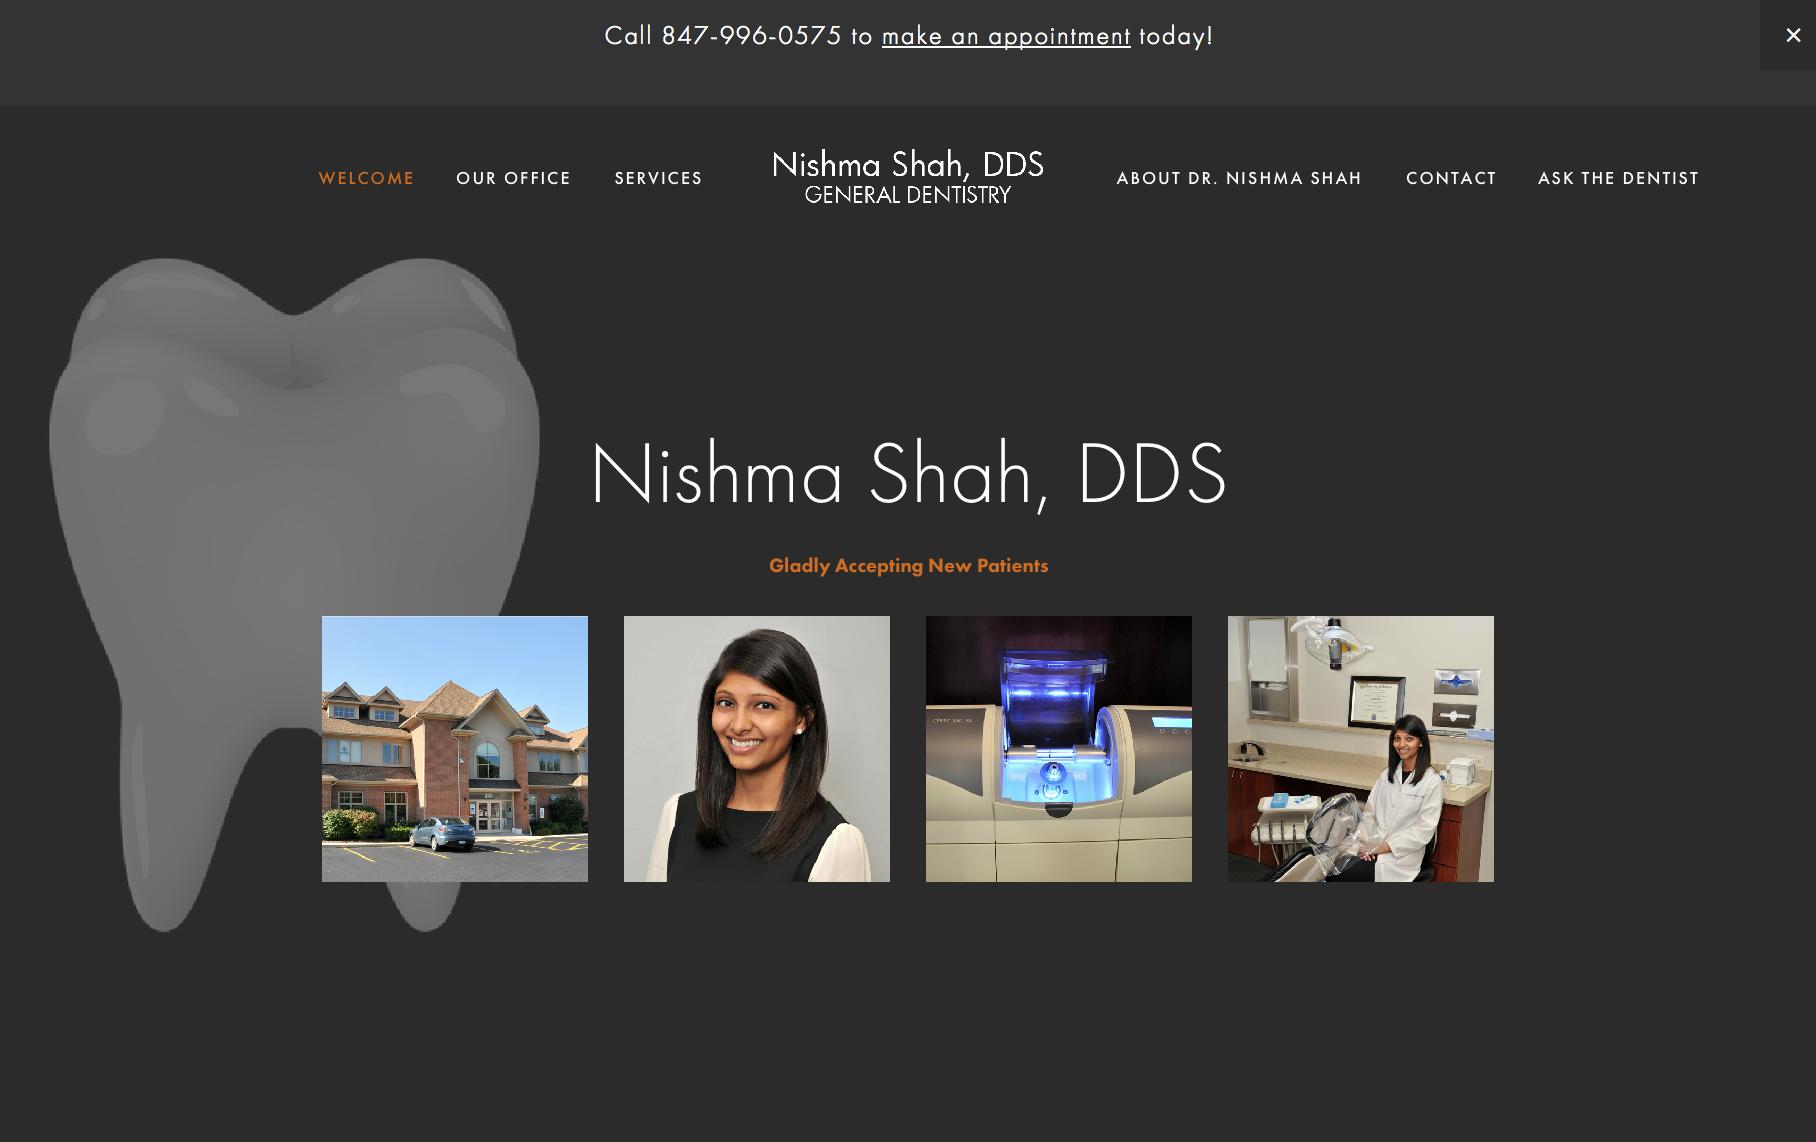 Dr. Nishma Shaw